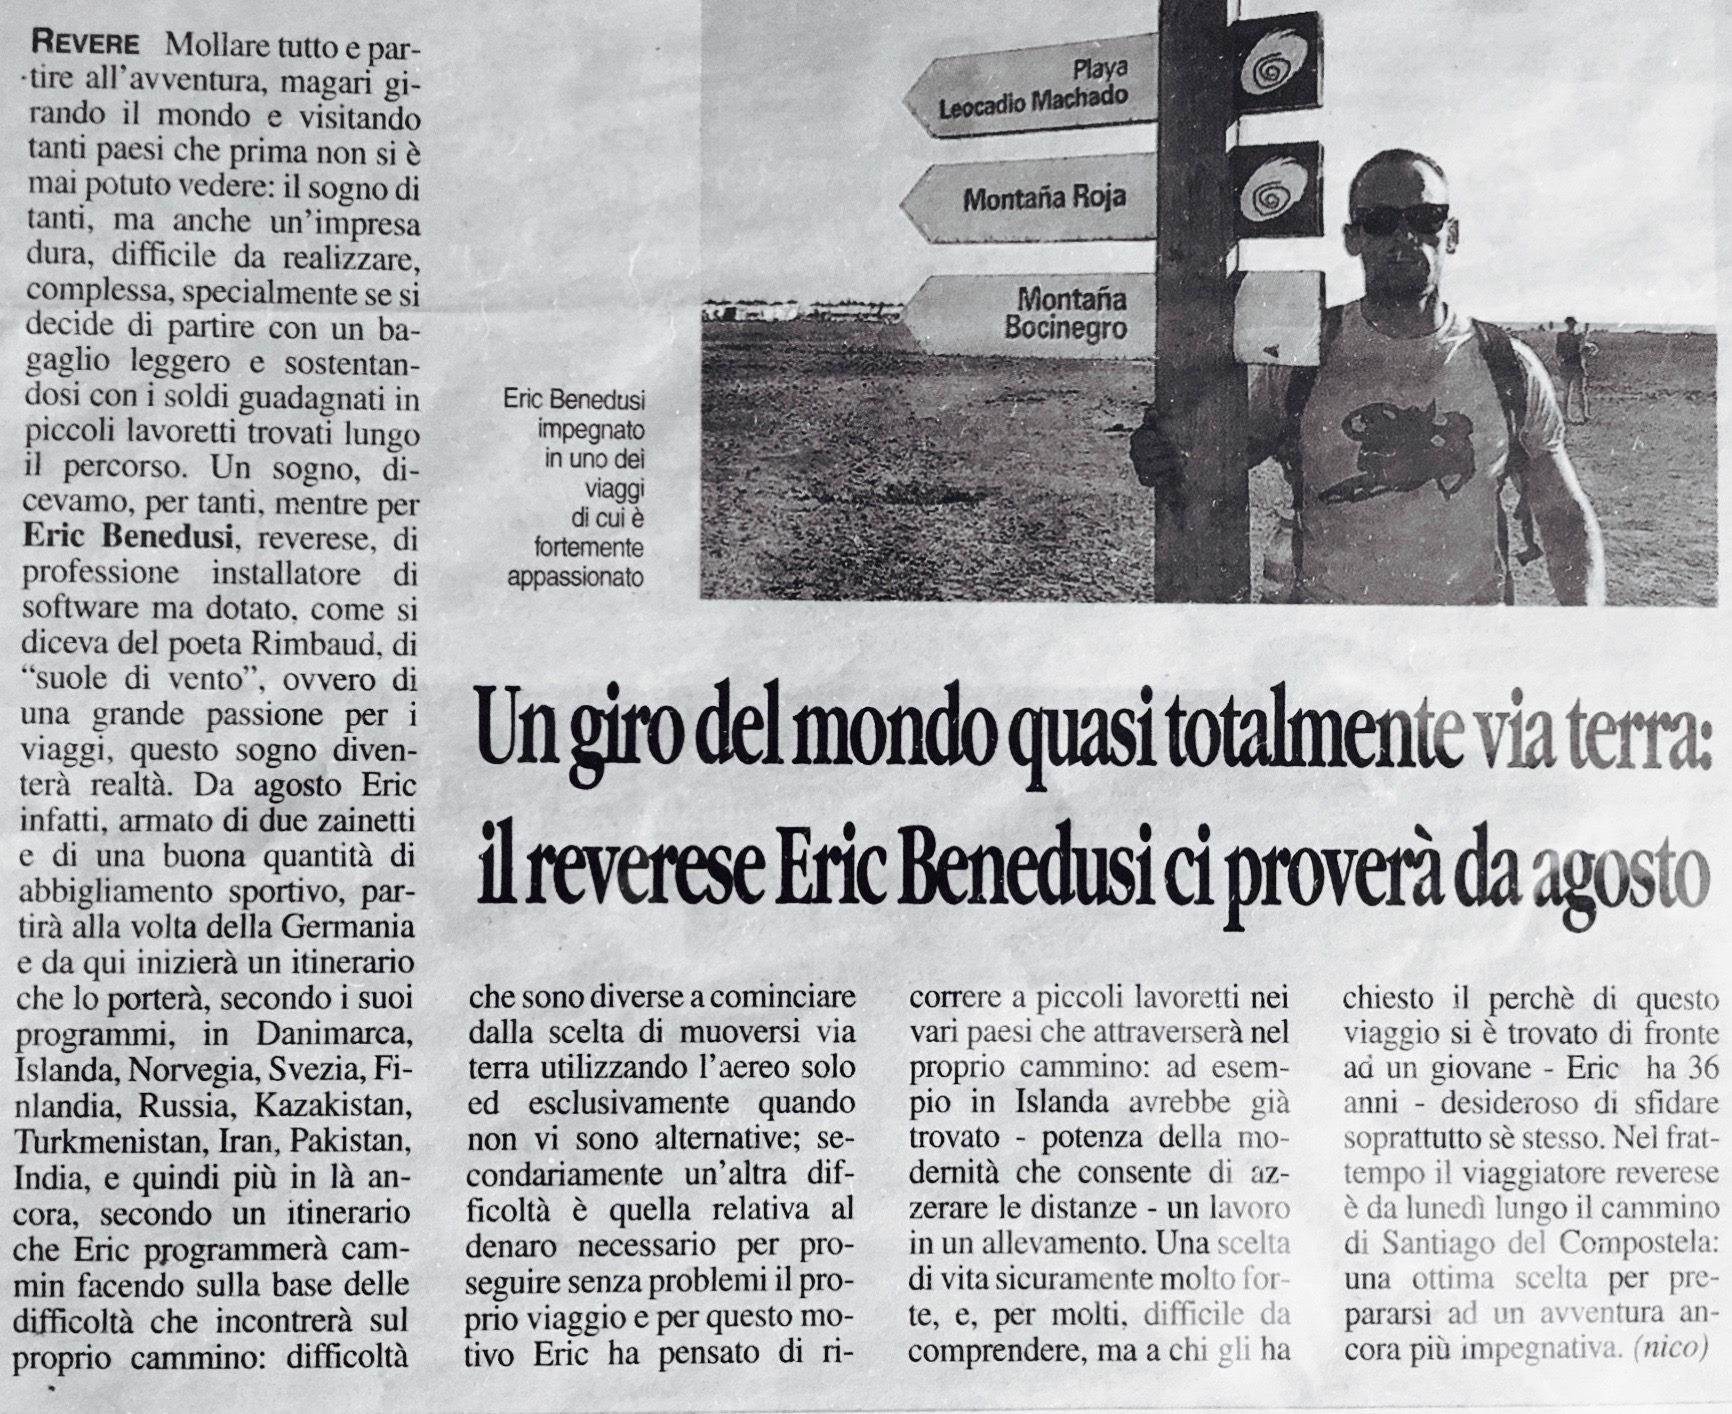 Un giro del mondo quasi totalmente via terra il reverese Eric Benedusi ci proverà ad Agosto